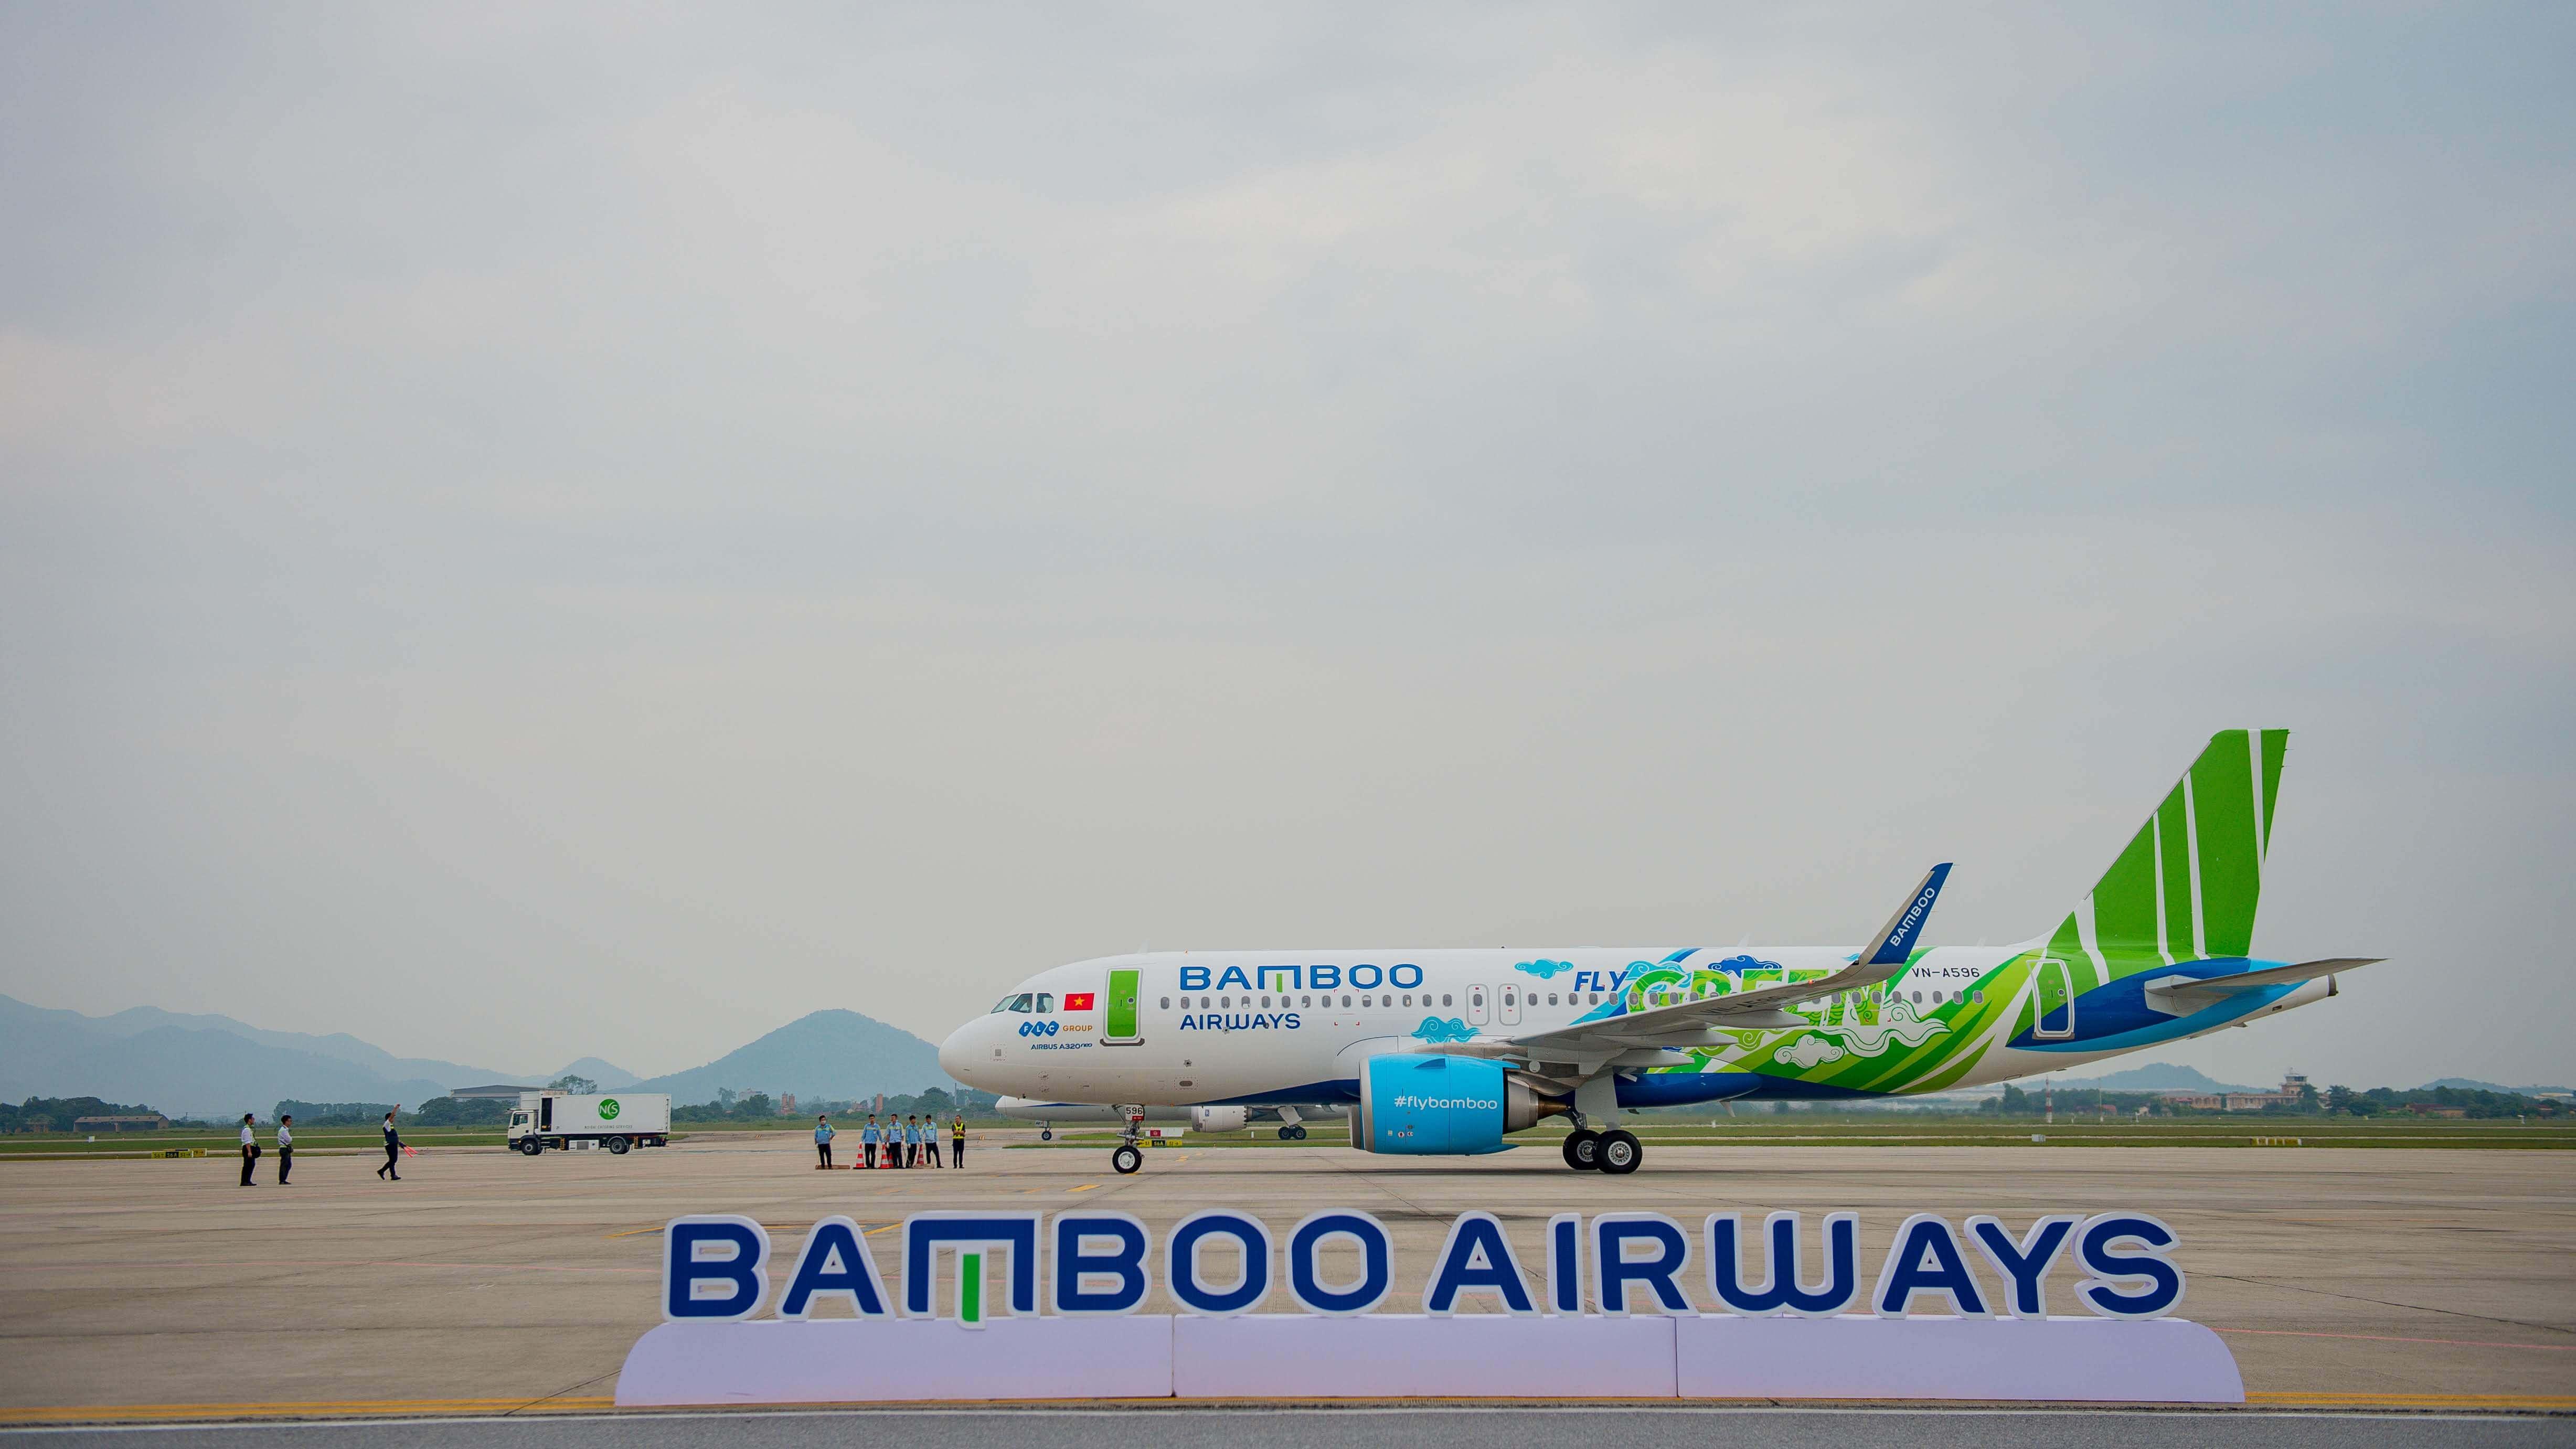 """Bamboo Airways đón máy bay Airbus A320neo đầu tiên trong chiếc áo """"Fly Green"""" ấn tượng  - Ảnh 3"""